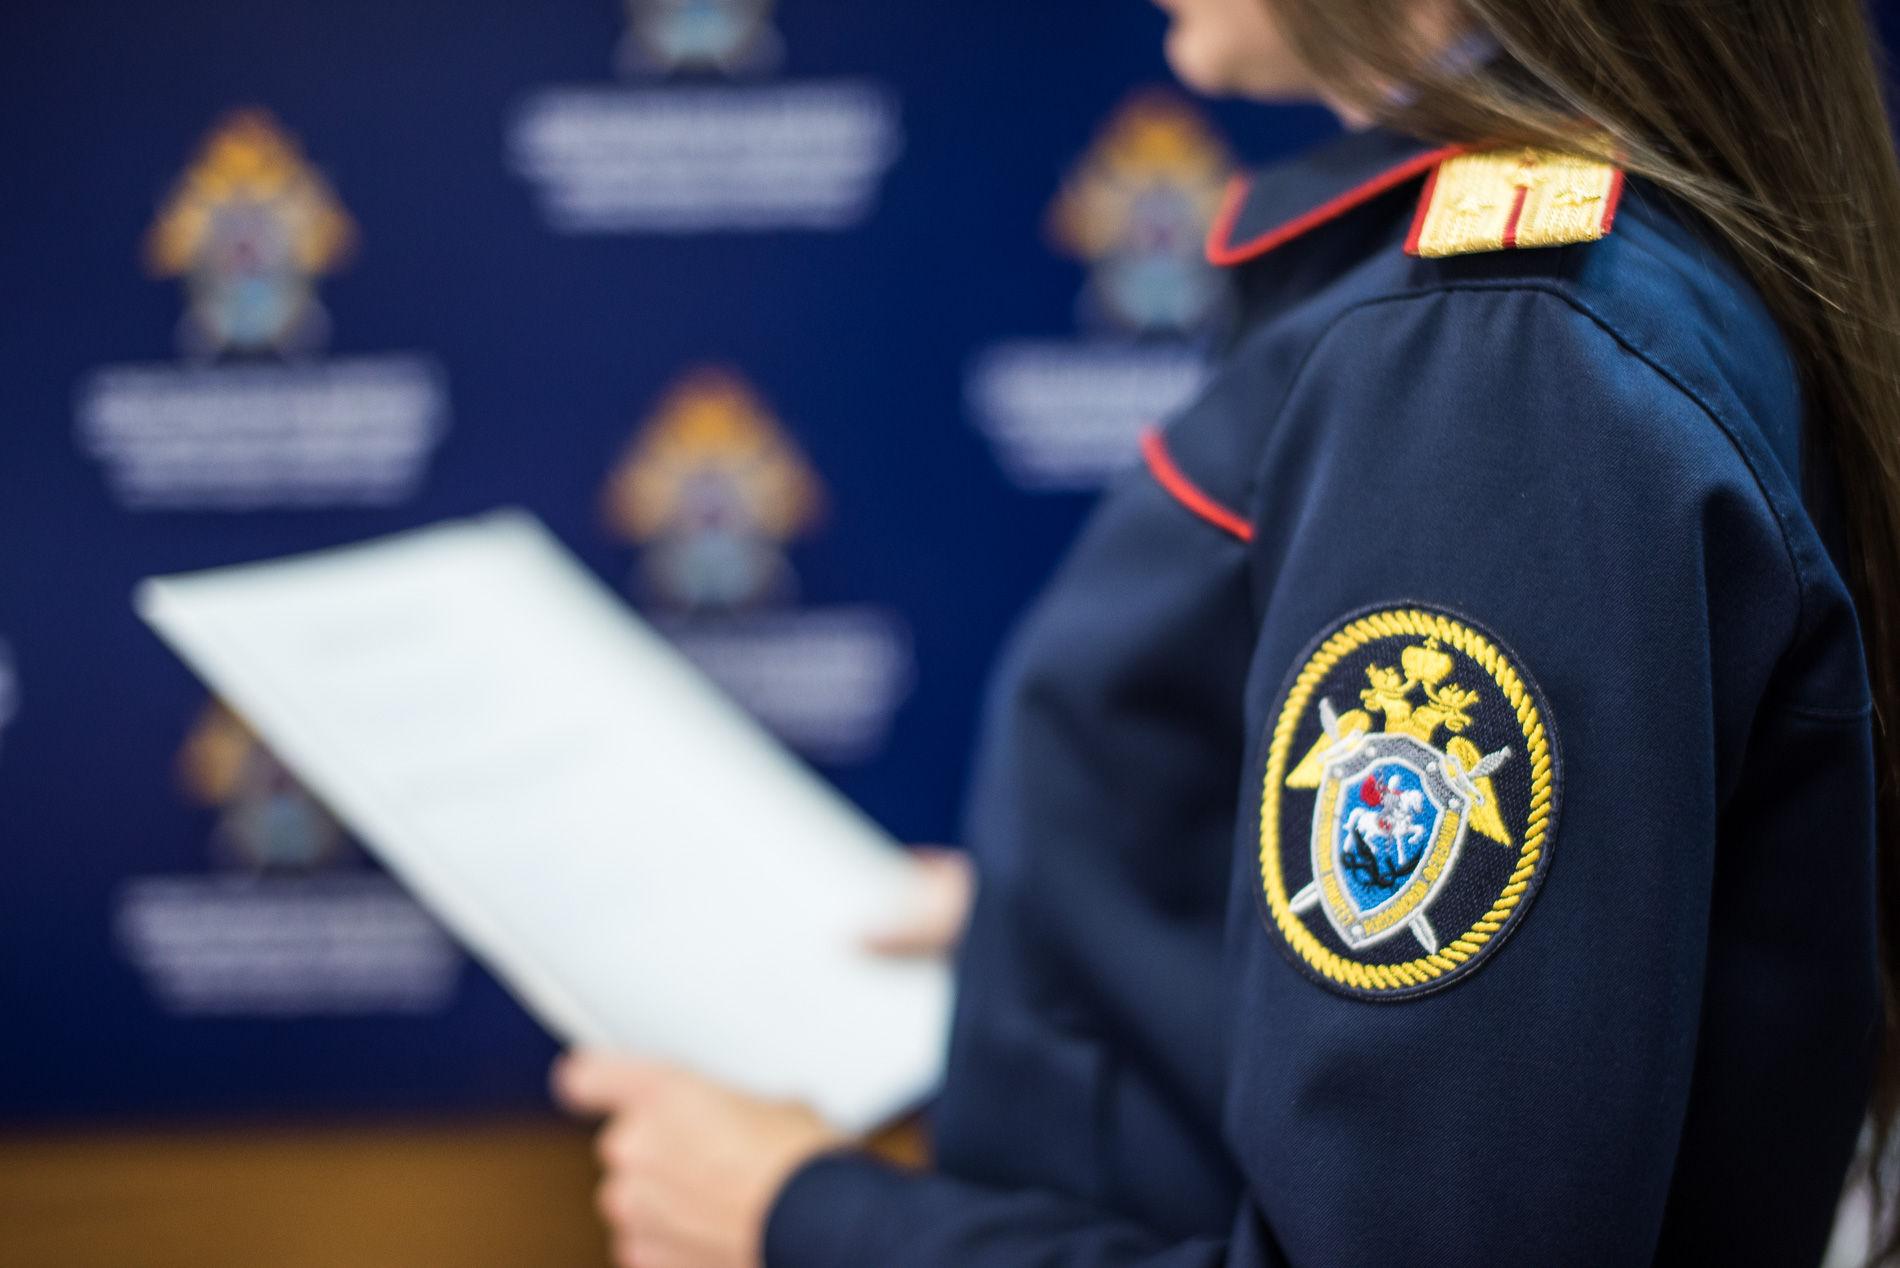 ВКраснодаре 17-летний парень иего сообщники грабили молодых людей